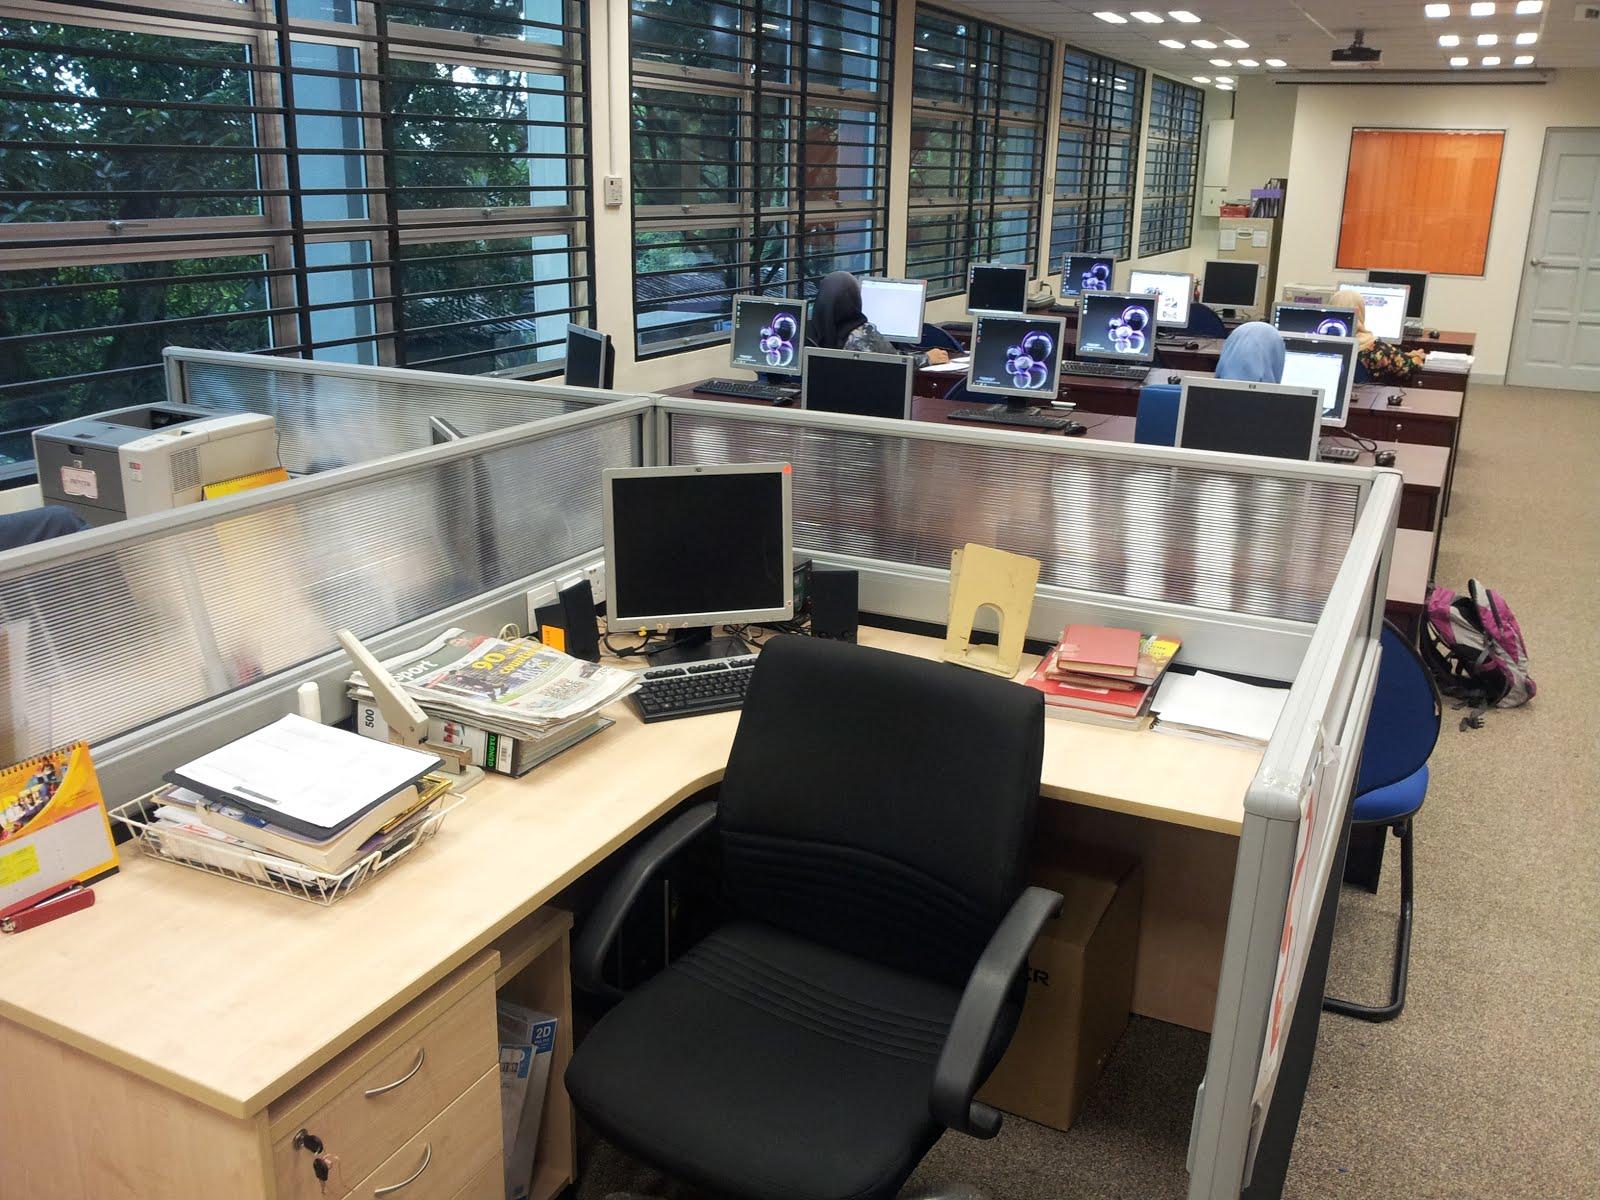 Cara menjaga komputer di pejabat atau makmal komputer  PICOM